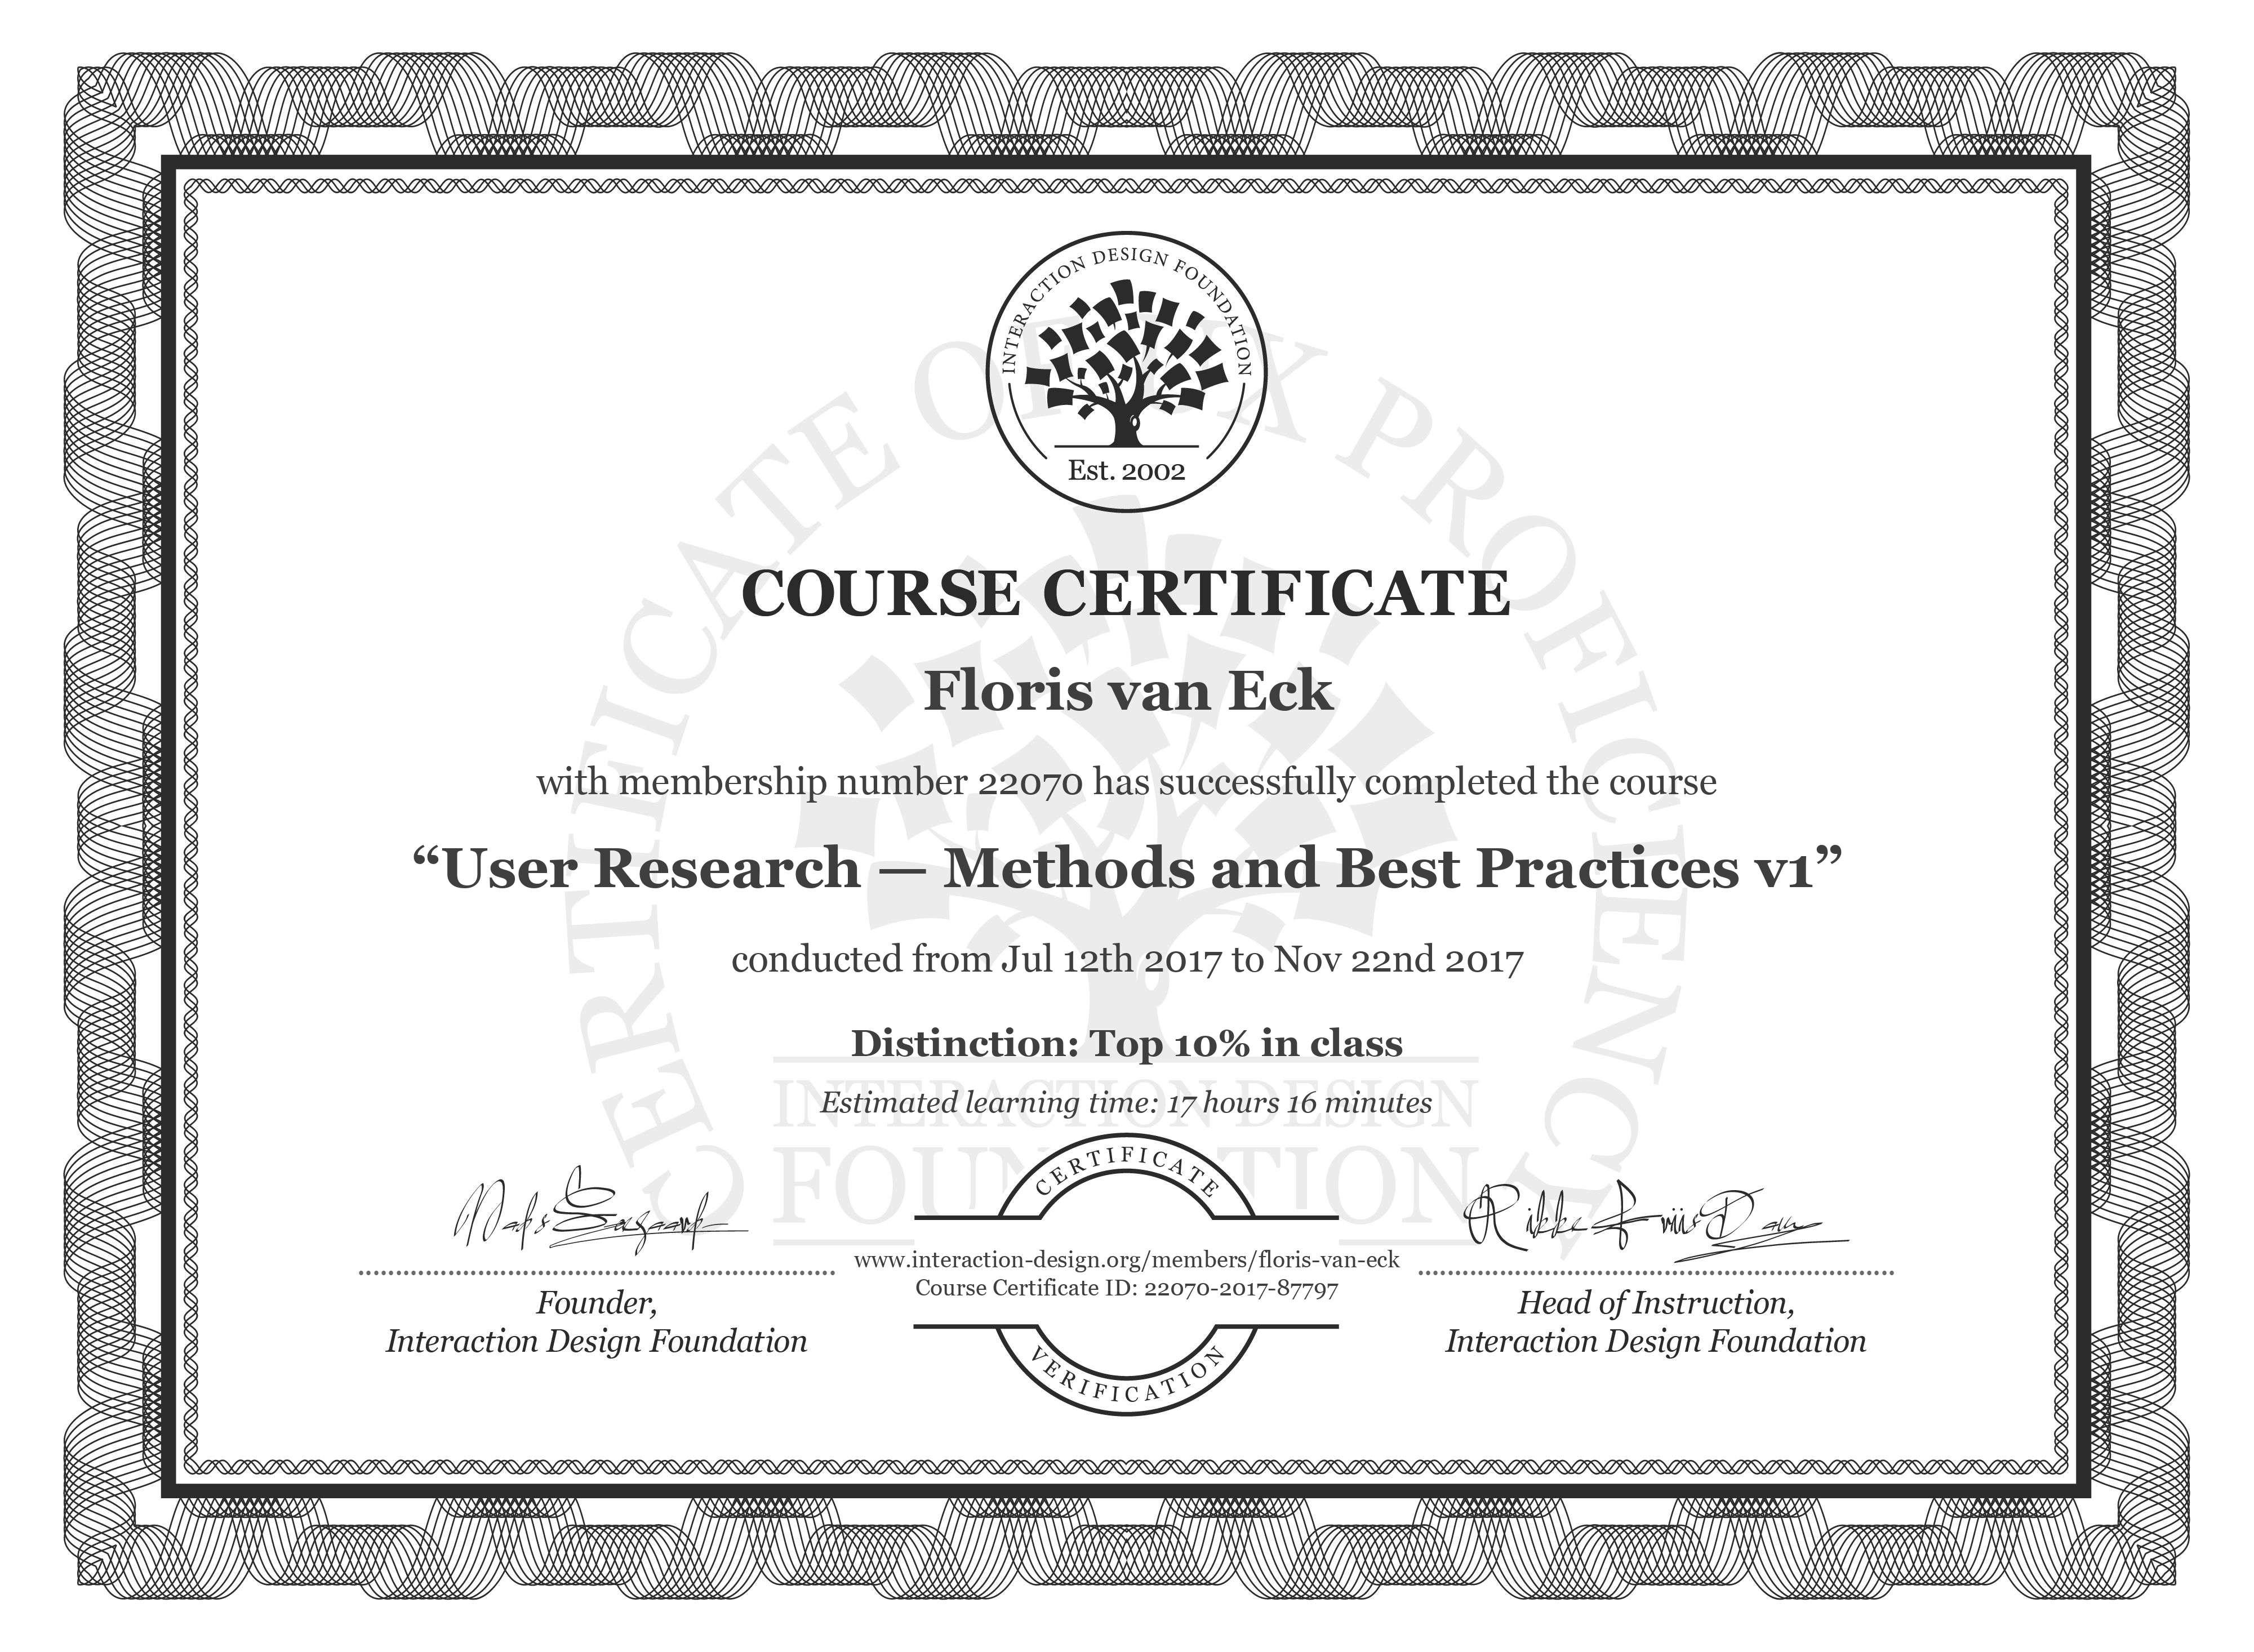 Floris van Eck's Course Certificate: User Research — Methods and Best Practices